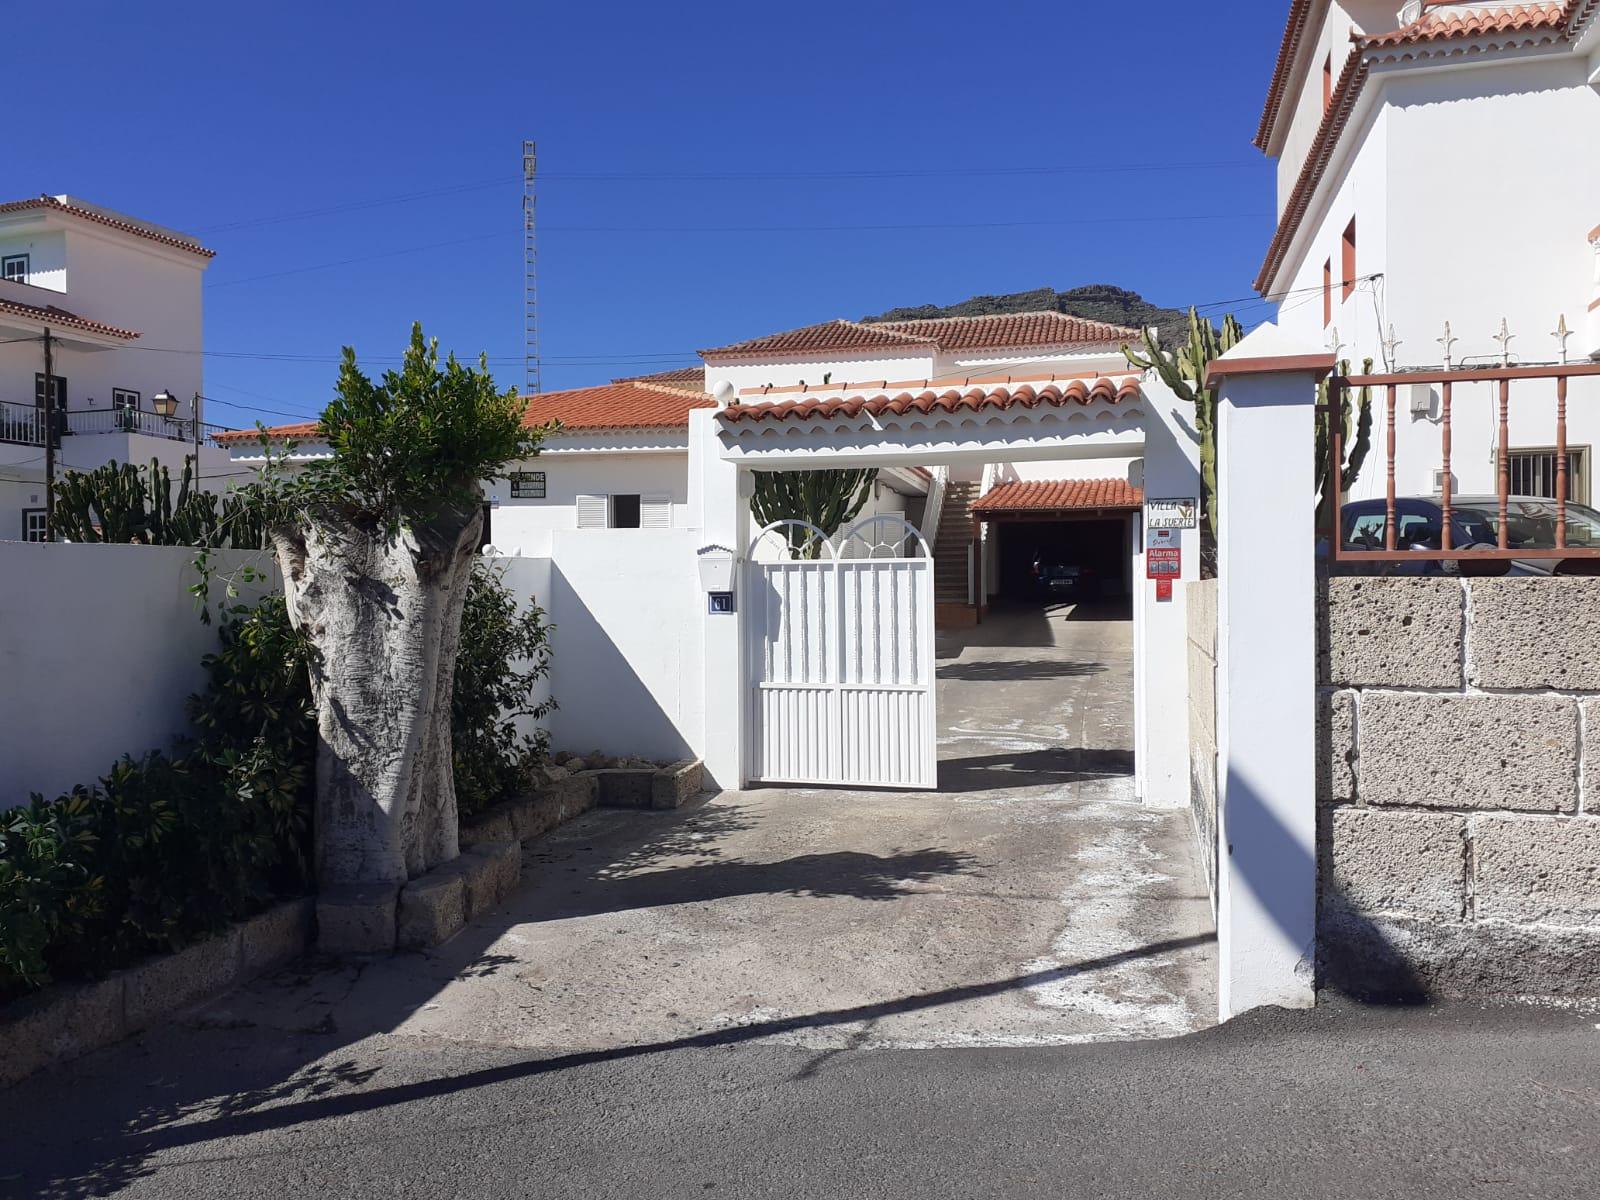 Villa en venta en Arona – FT2214